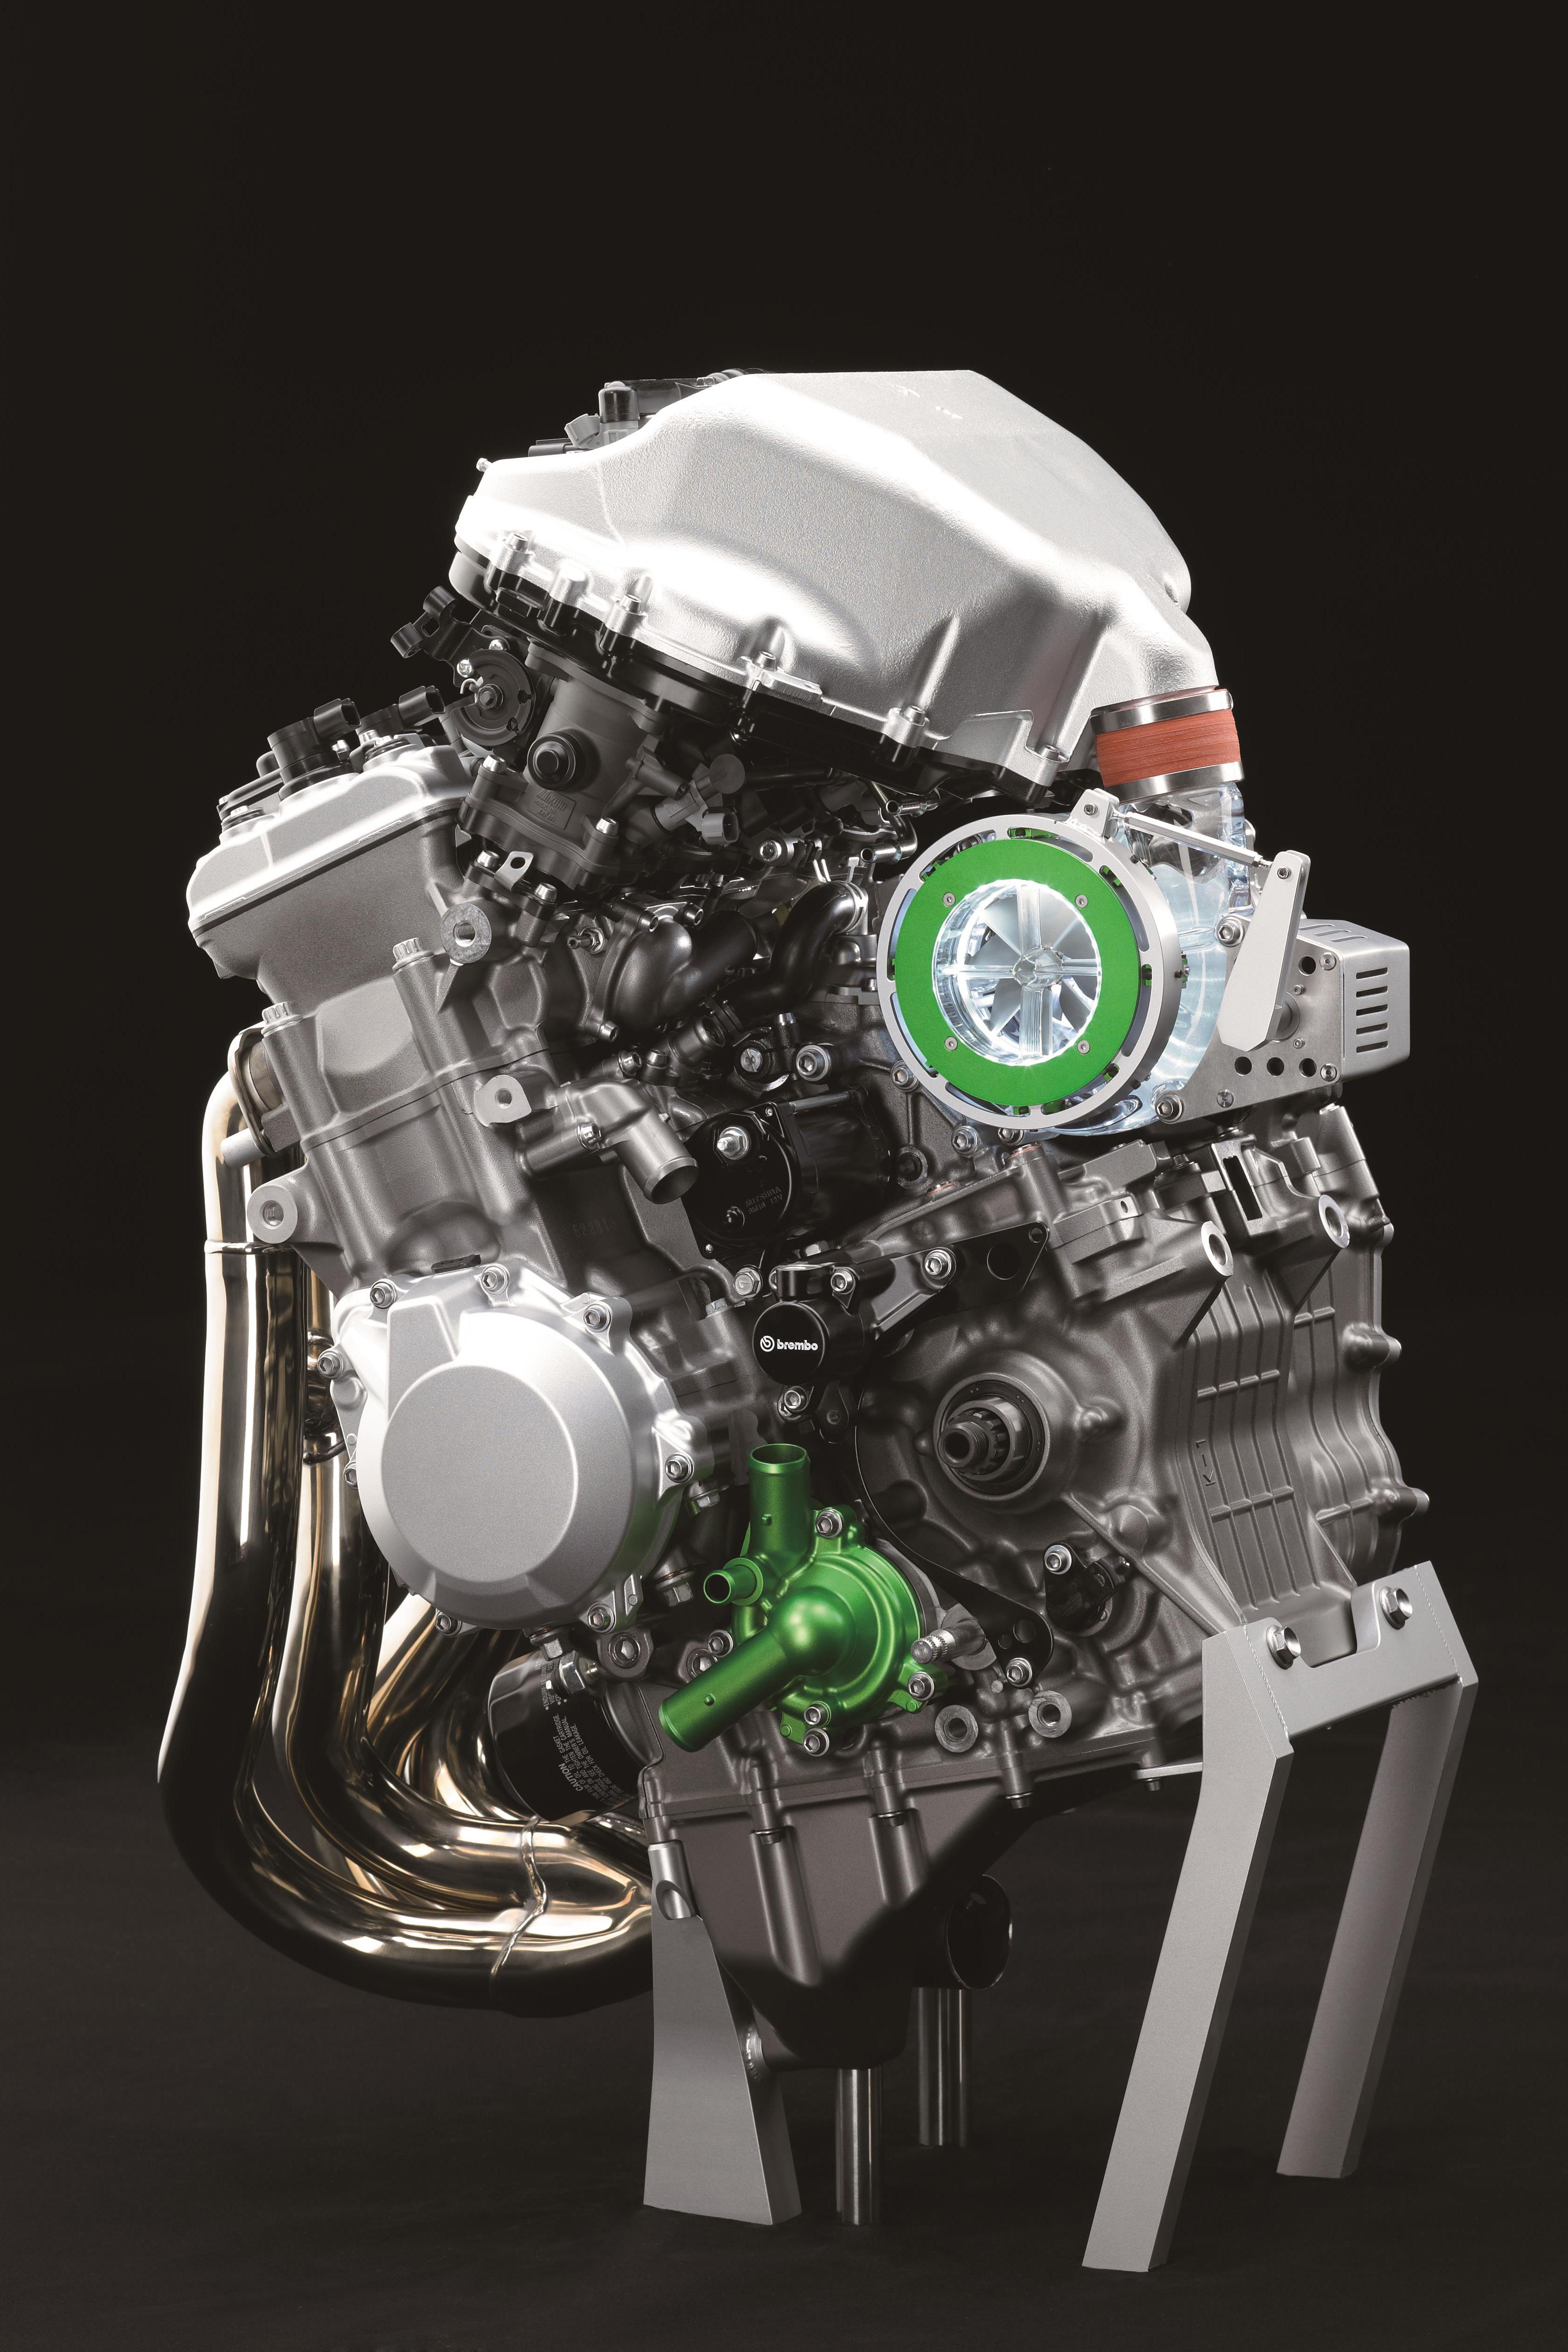 Kawasaki's new super-charged concept